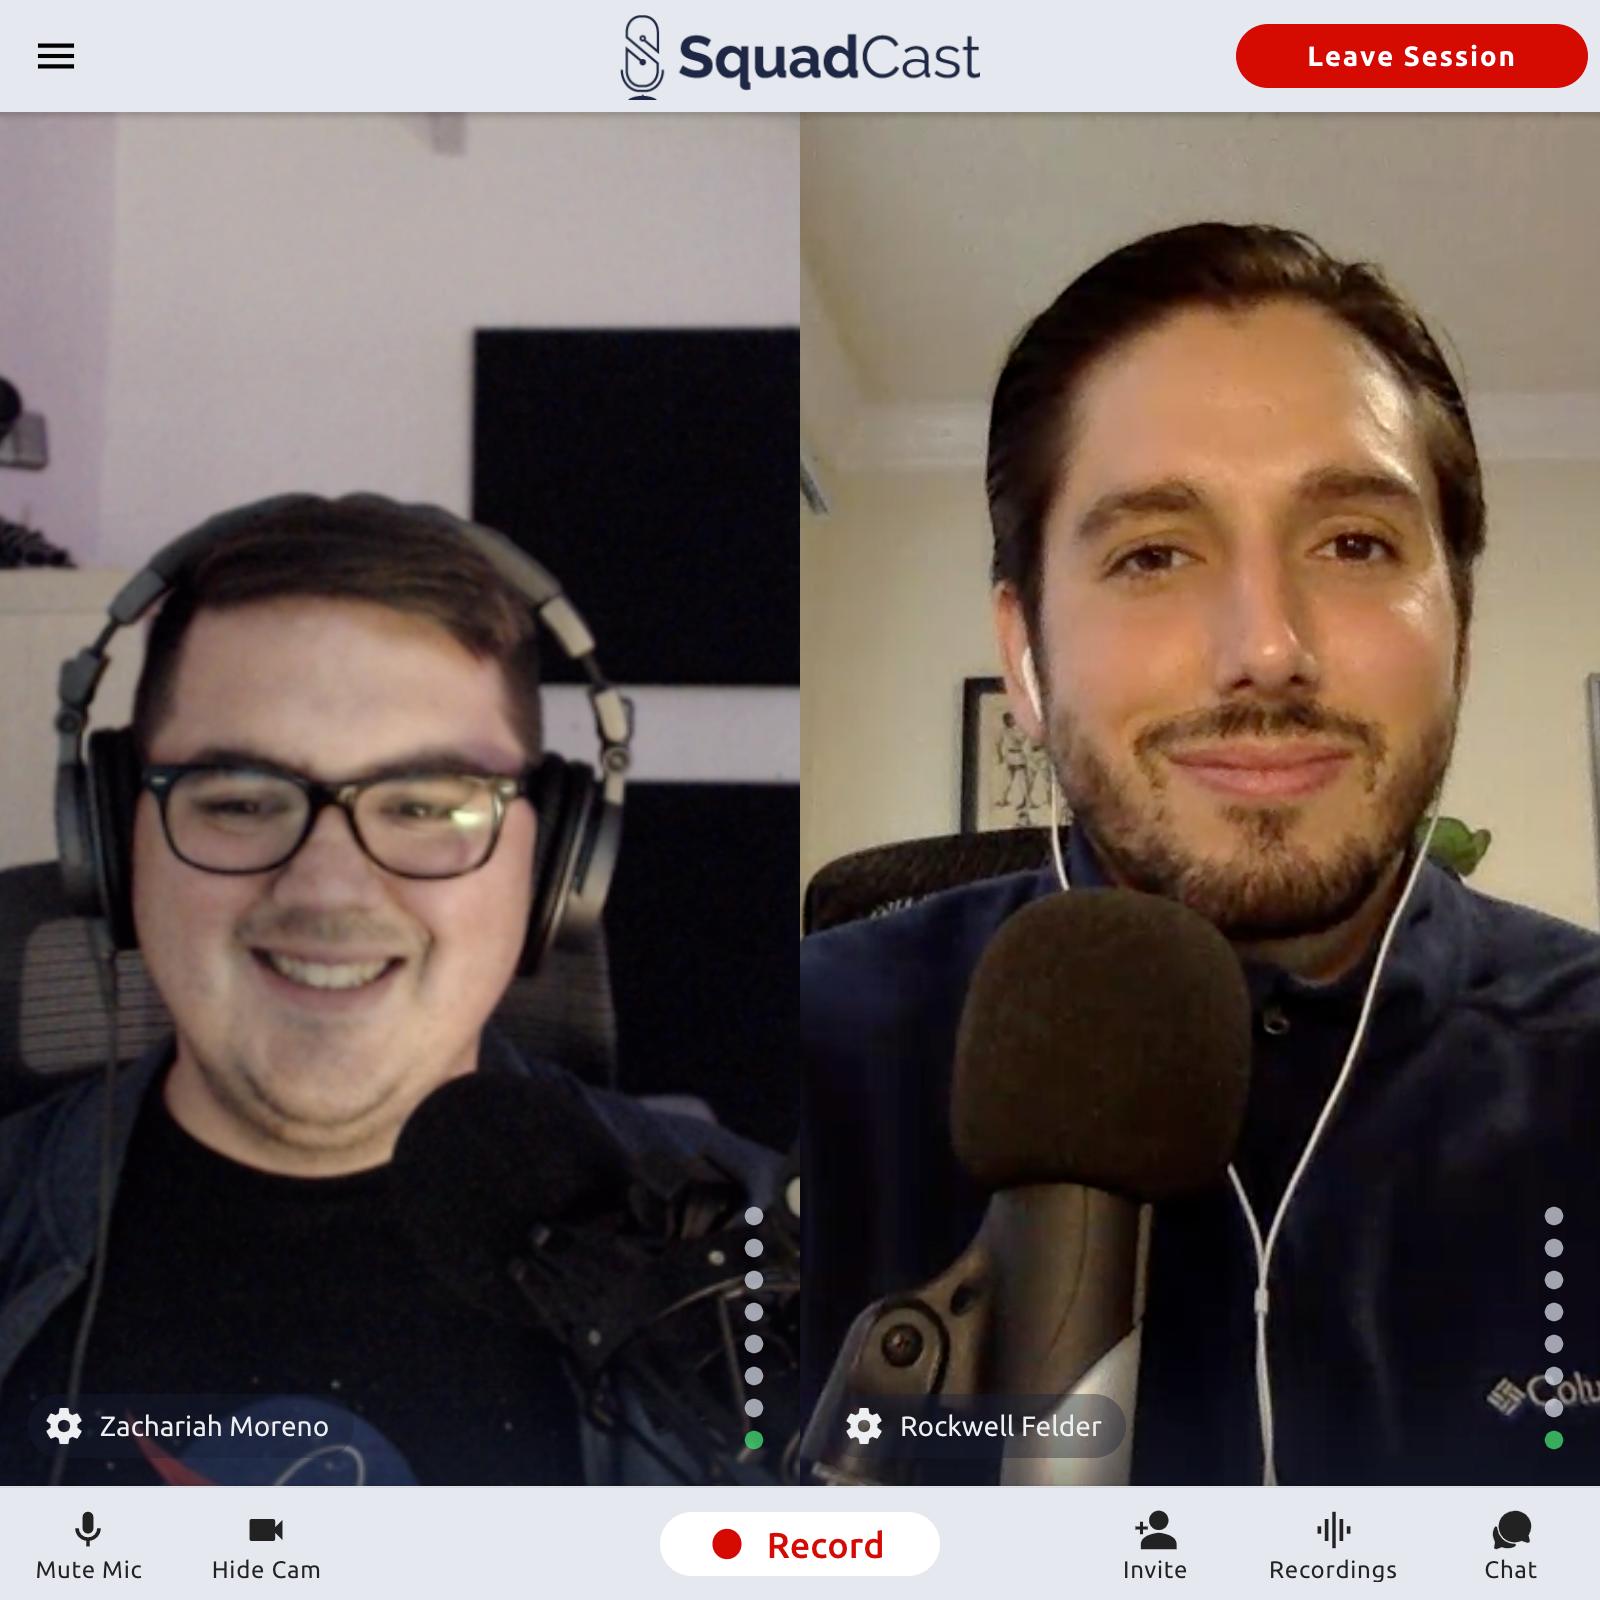 SquadCast Co-Founders - Zach Moreno & Rockwell Felder